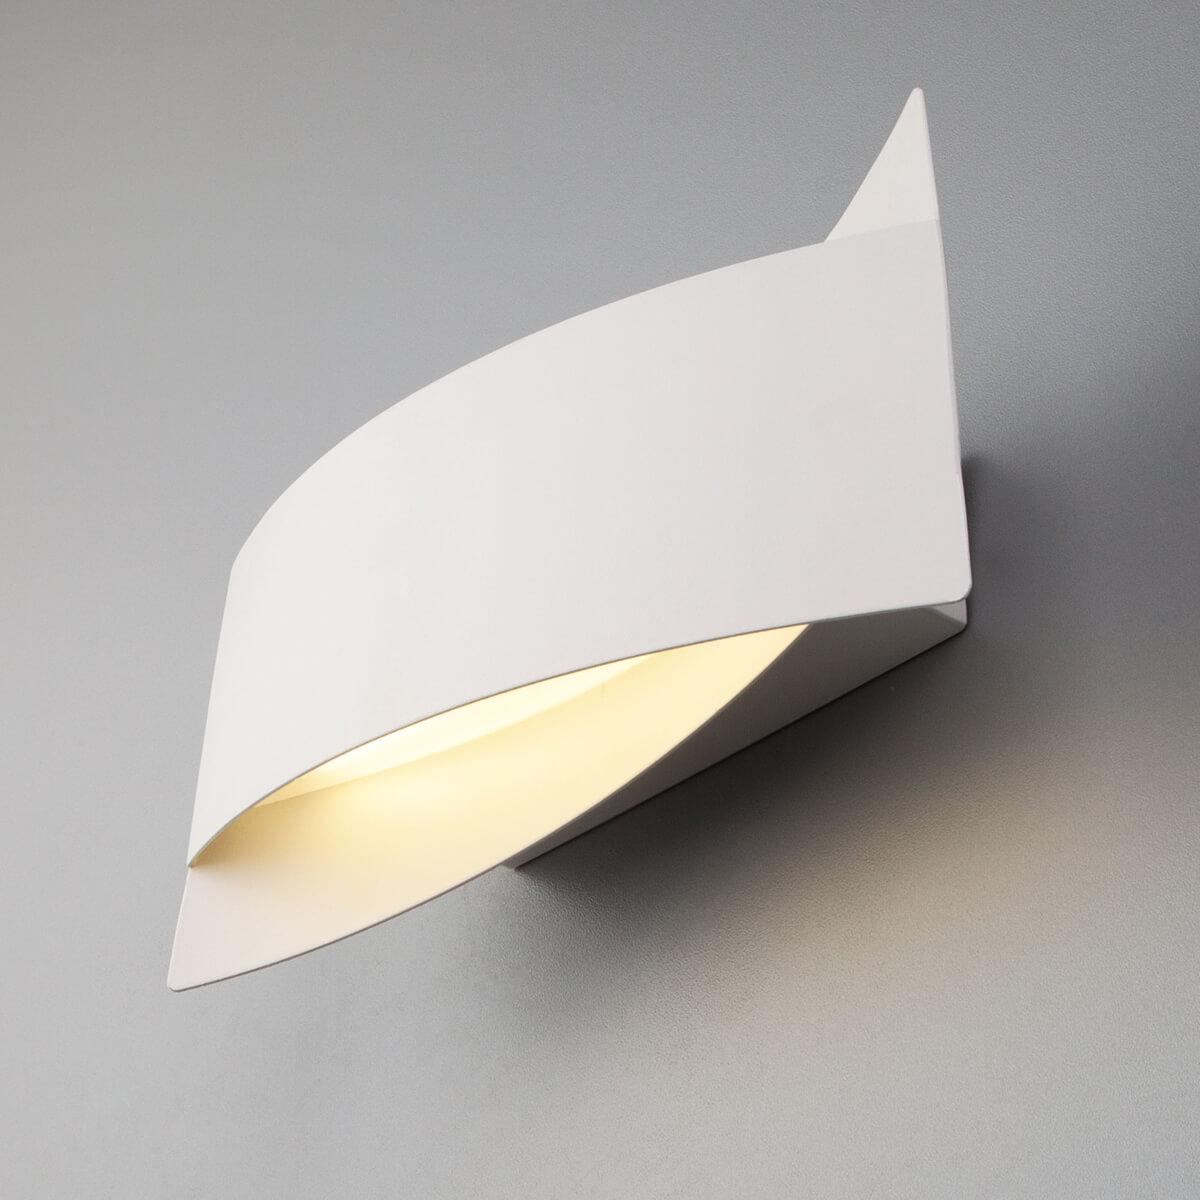 Светильник Eurosvet 40145/1 LED белый Overlap цена 2017